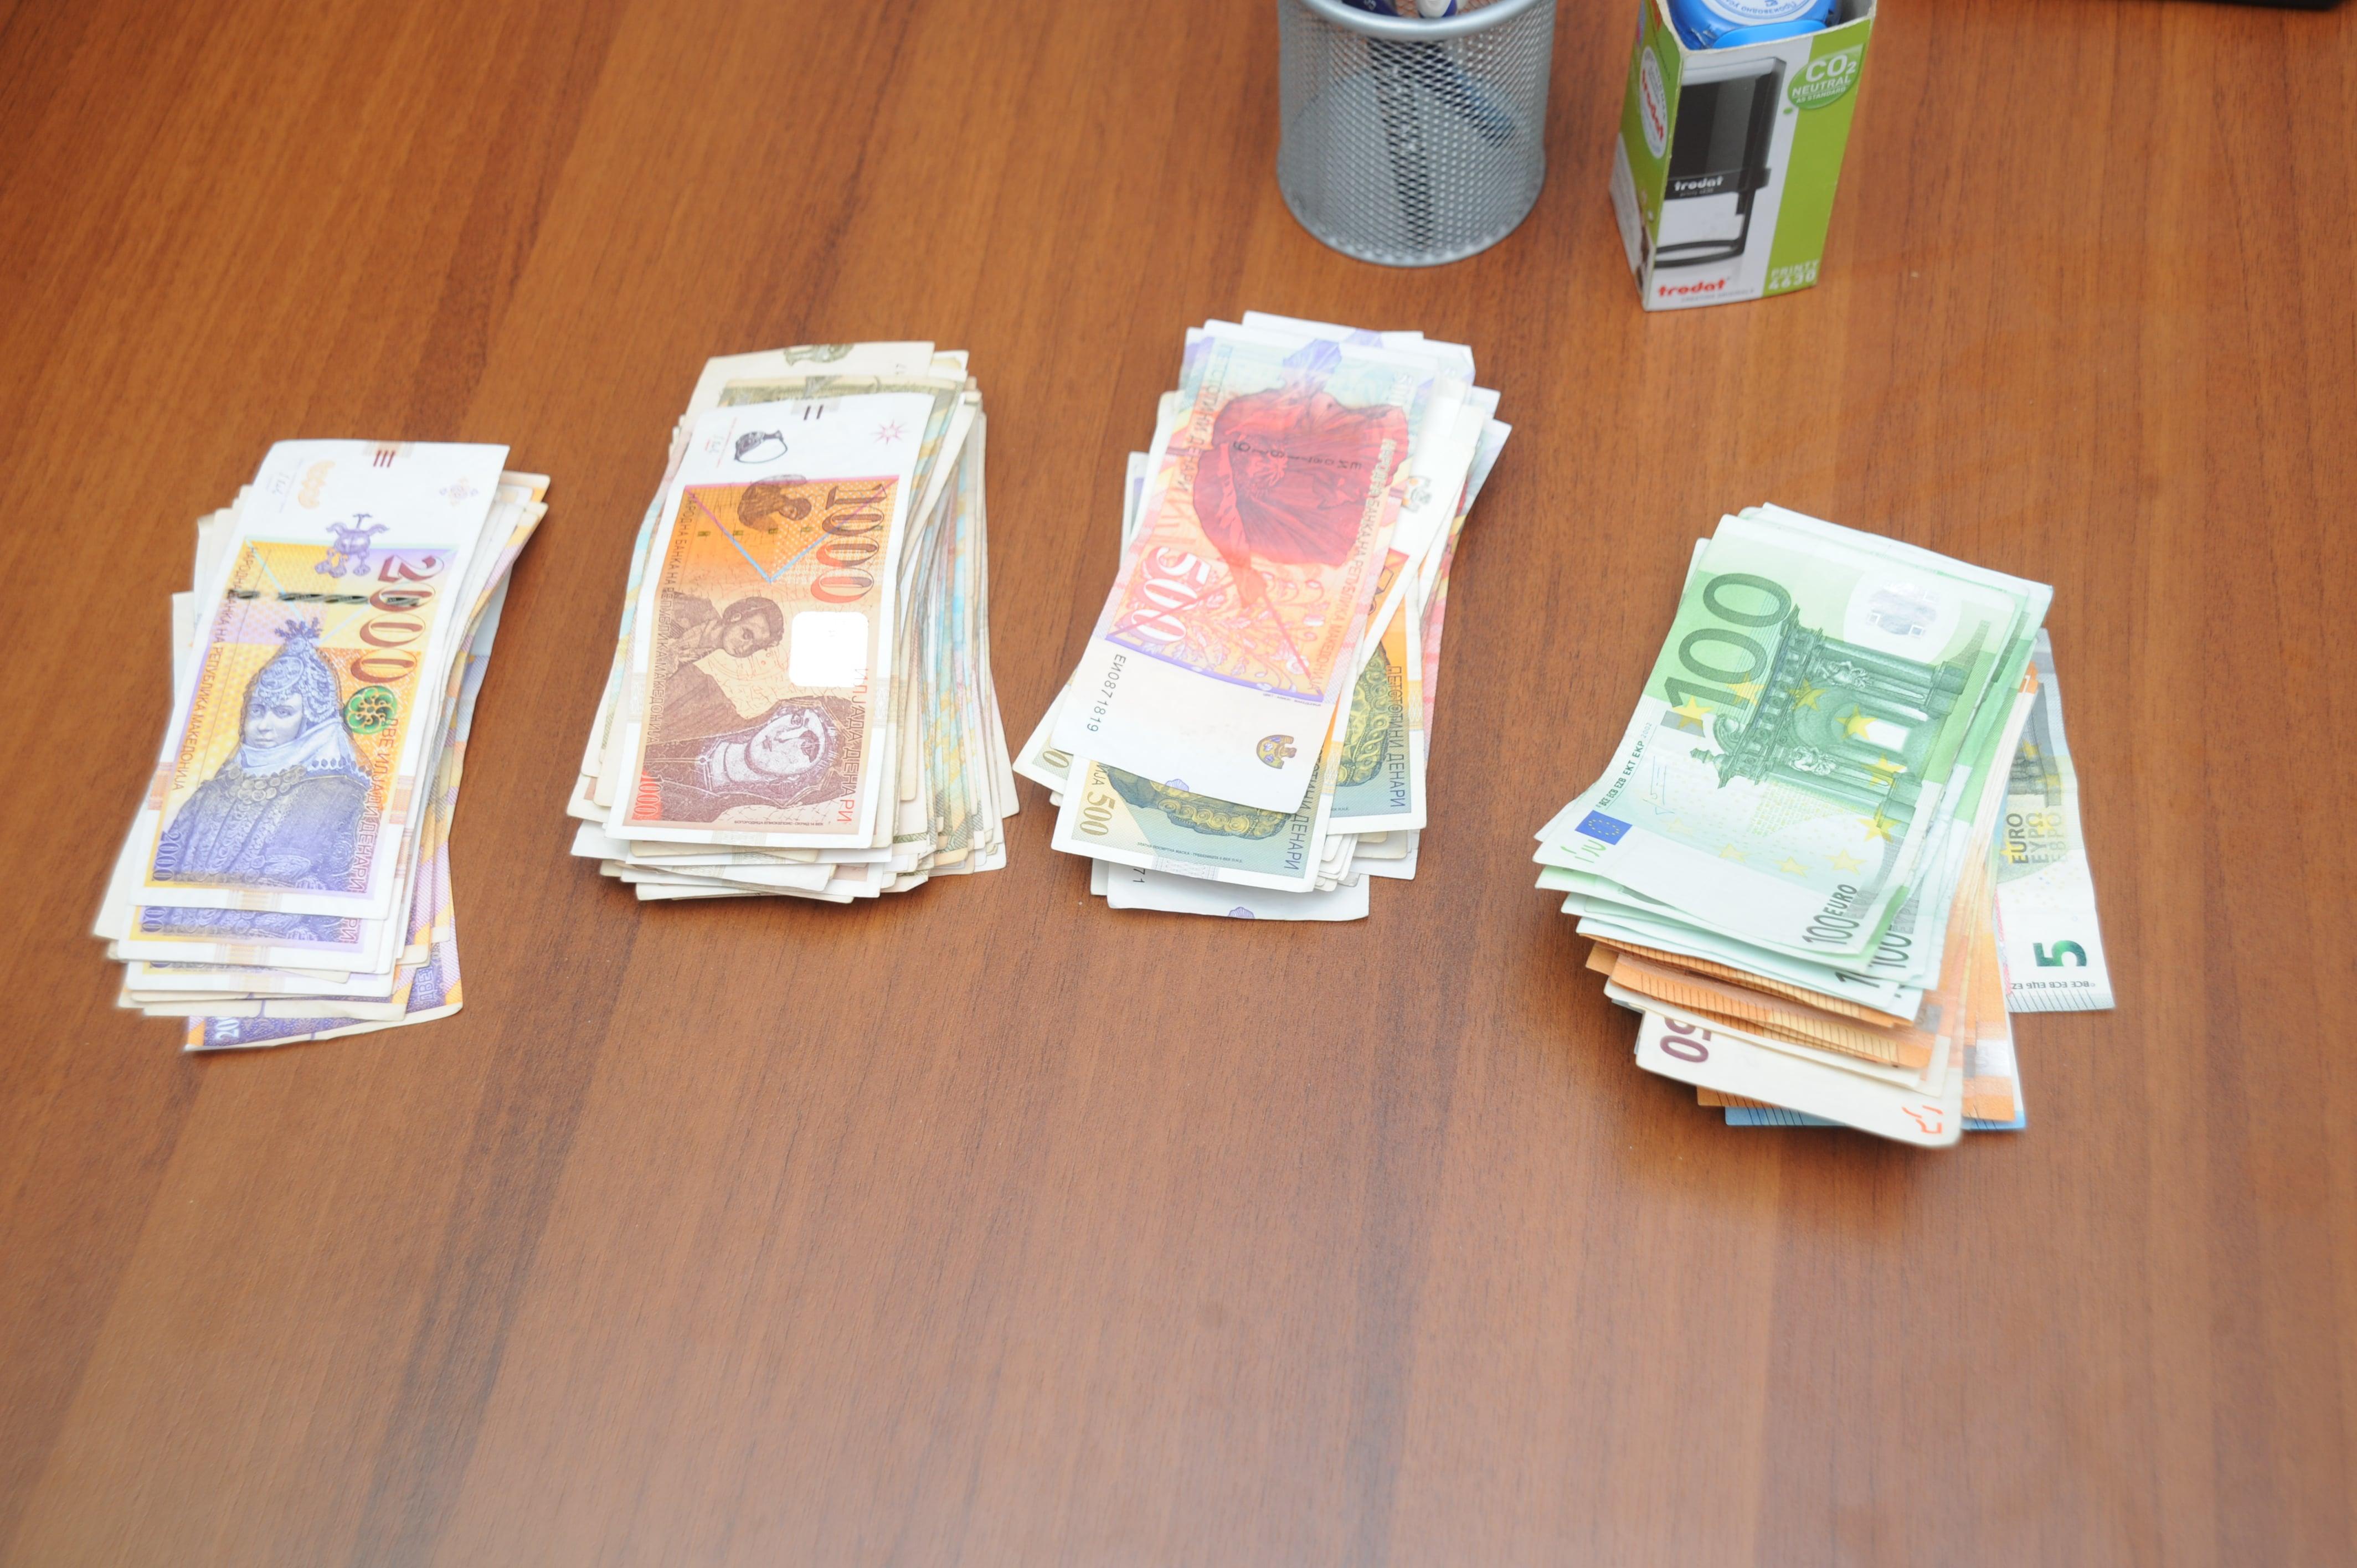 Ресенчани среде бел ден фатени со кокаин и голeма сума на пари